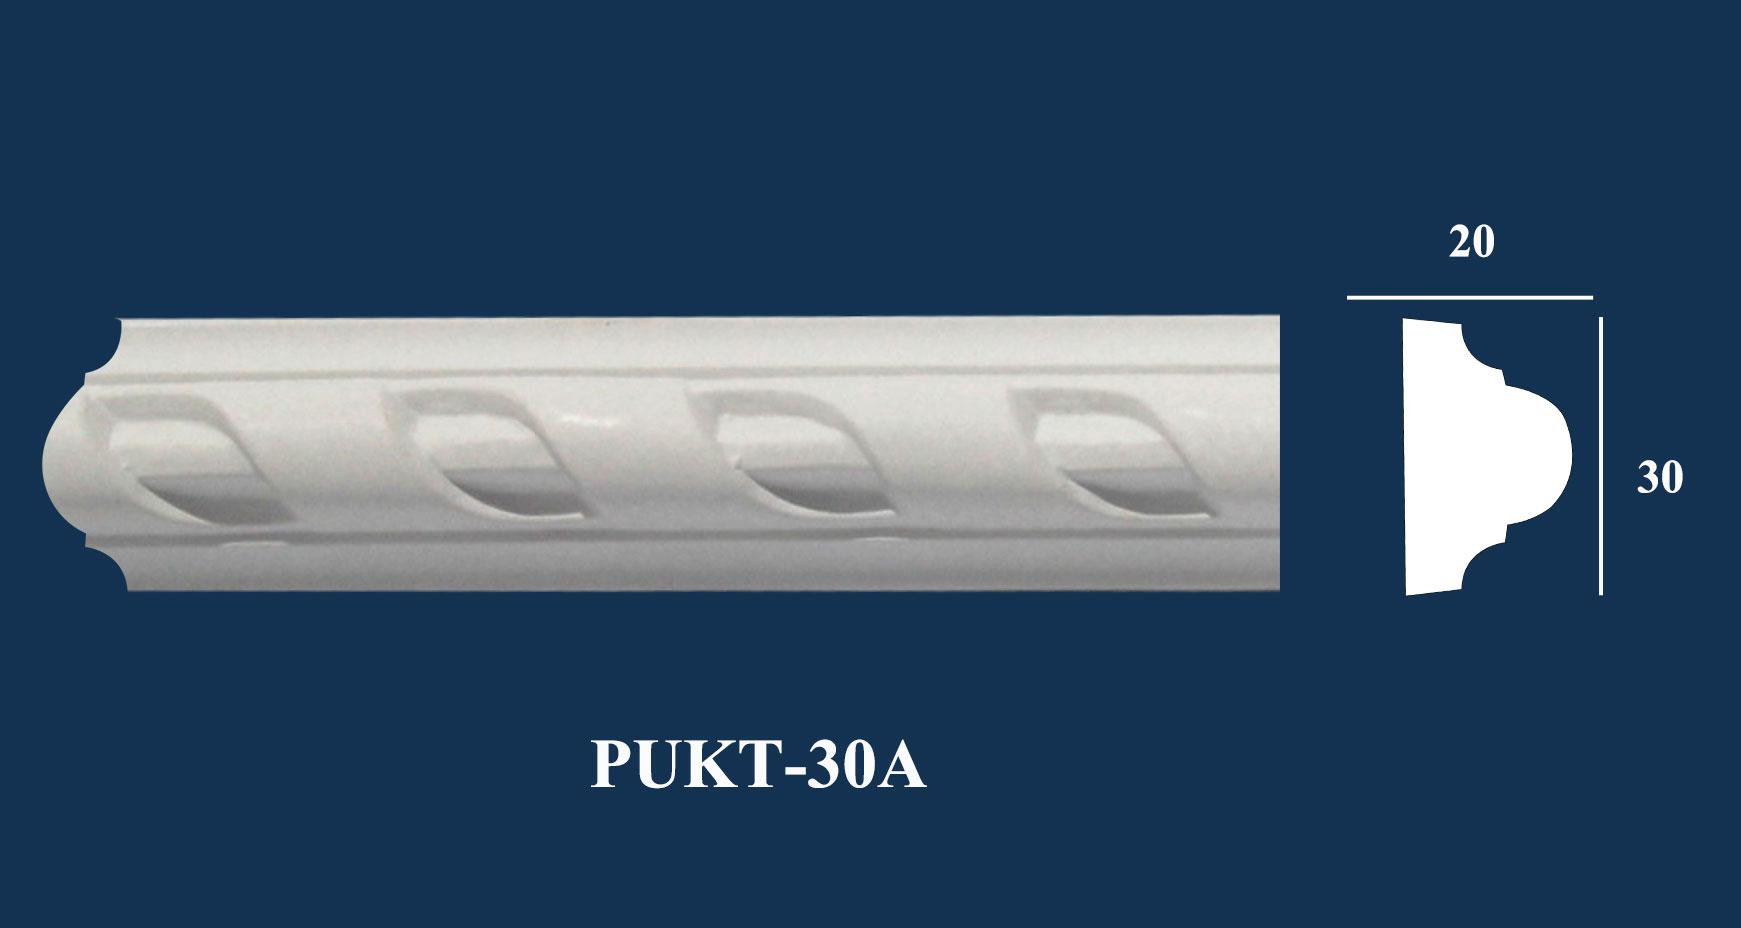 Chỉ Nẹp Hoa VănTrang Trí - PUKT-30A